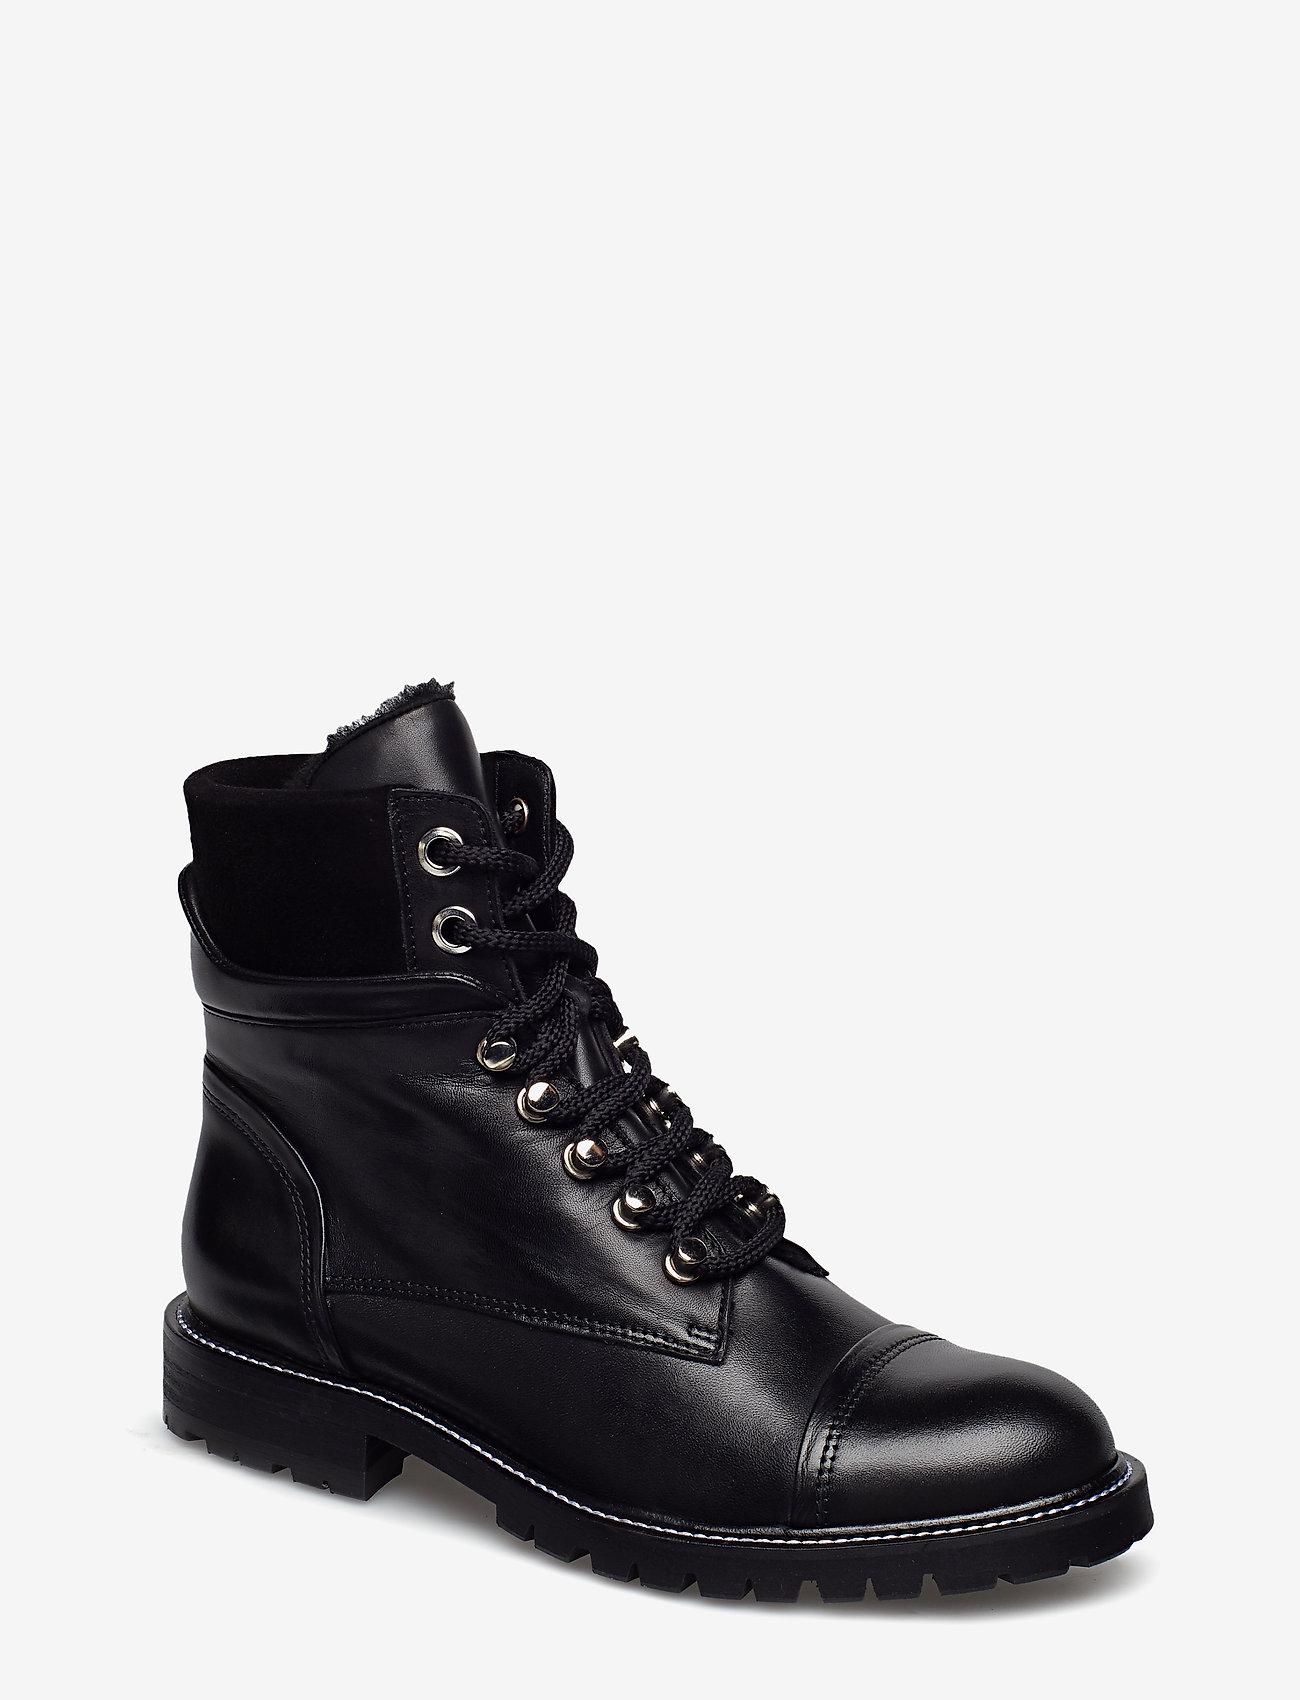 Billi Bi - Warm lining 7437 - flate ankelstøvletter - black calf/black suede 650 - 0